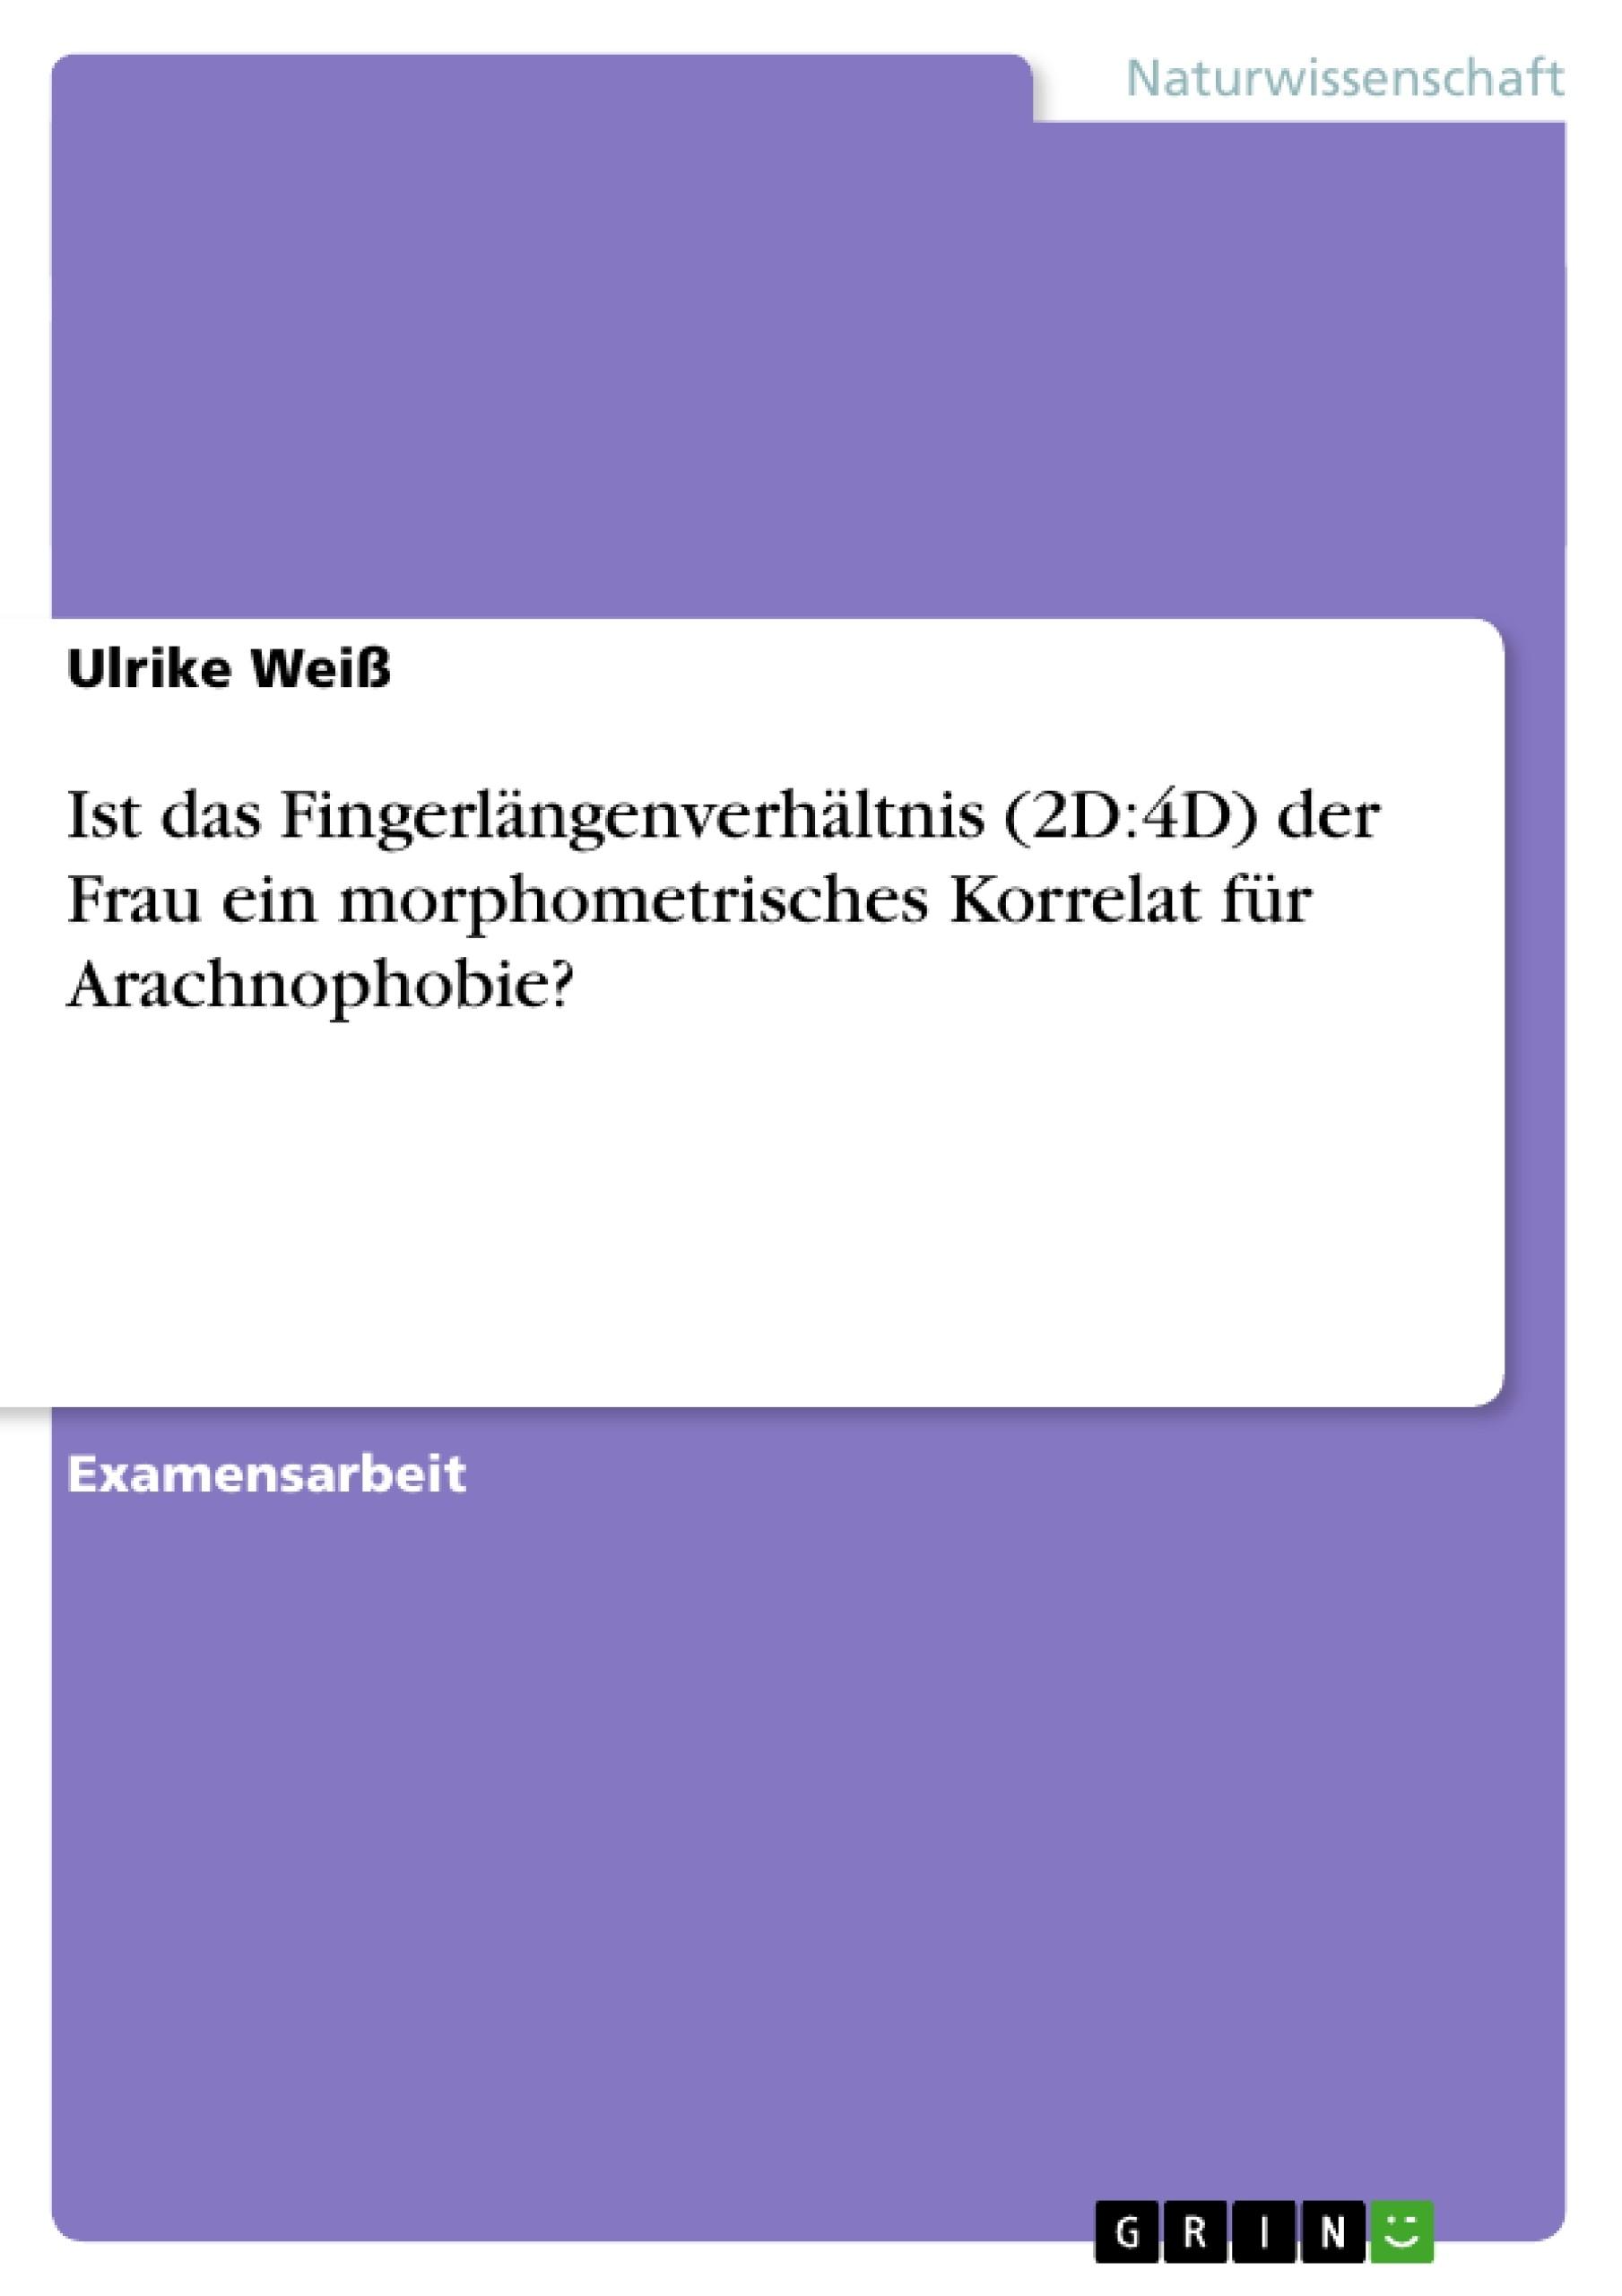 Titel: Ist das Fingerlängenverhältnis (2D:4D) der Frau ein morphometrisches Korrelat für Arachnophobie?